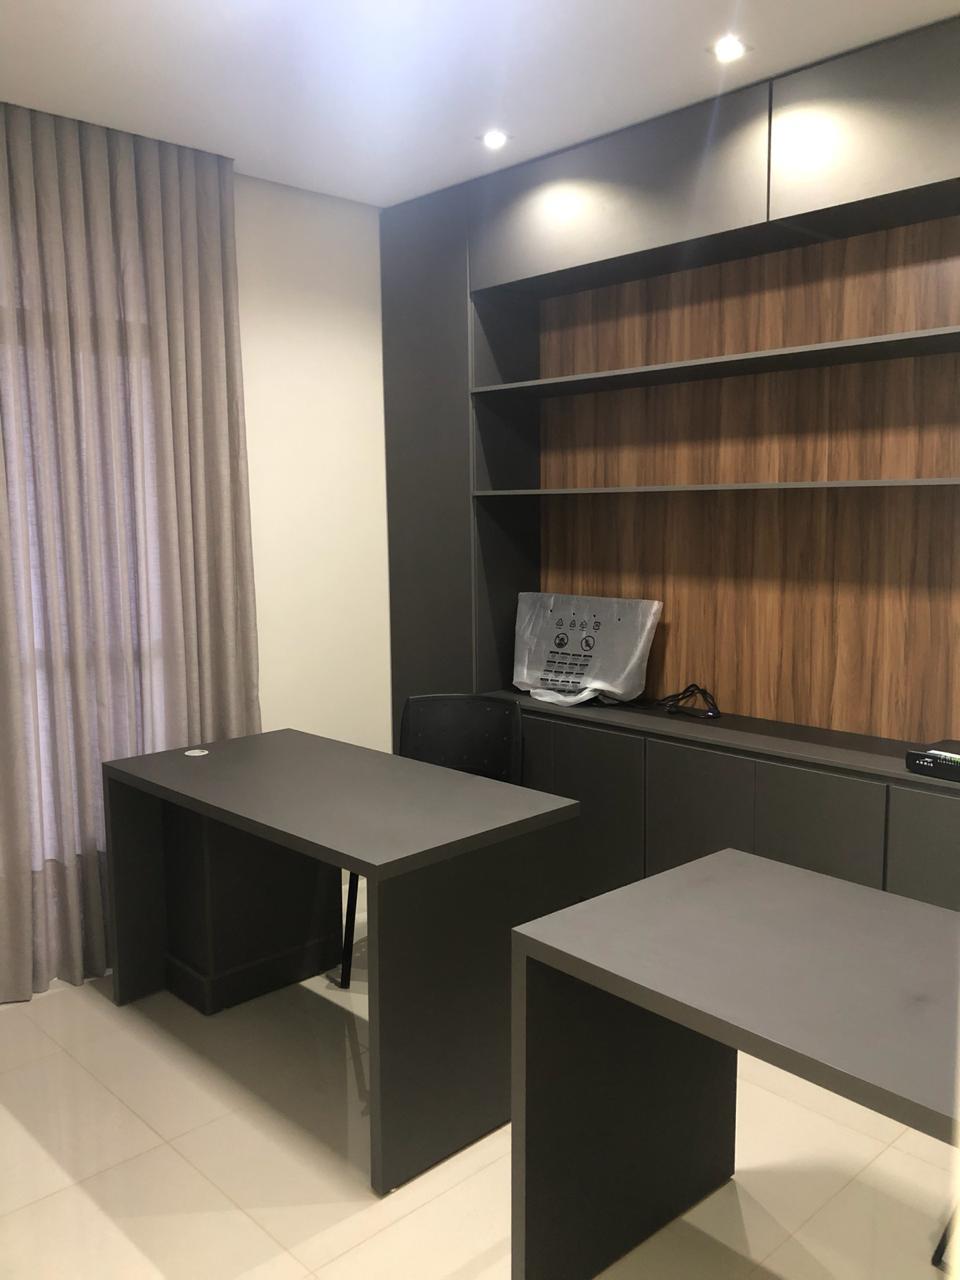 Apartamento  com 4 quartos sendo 4 Suítes no Duque de Caxias, Cuiabá  - MT